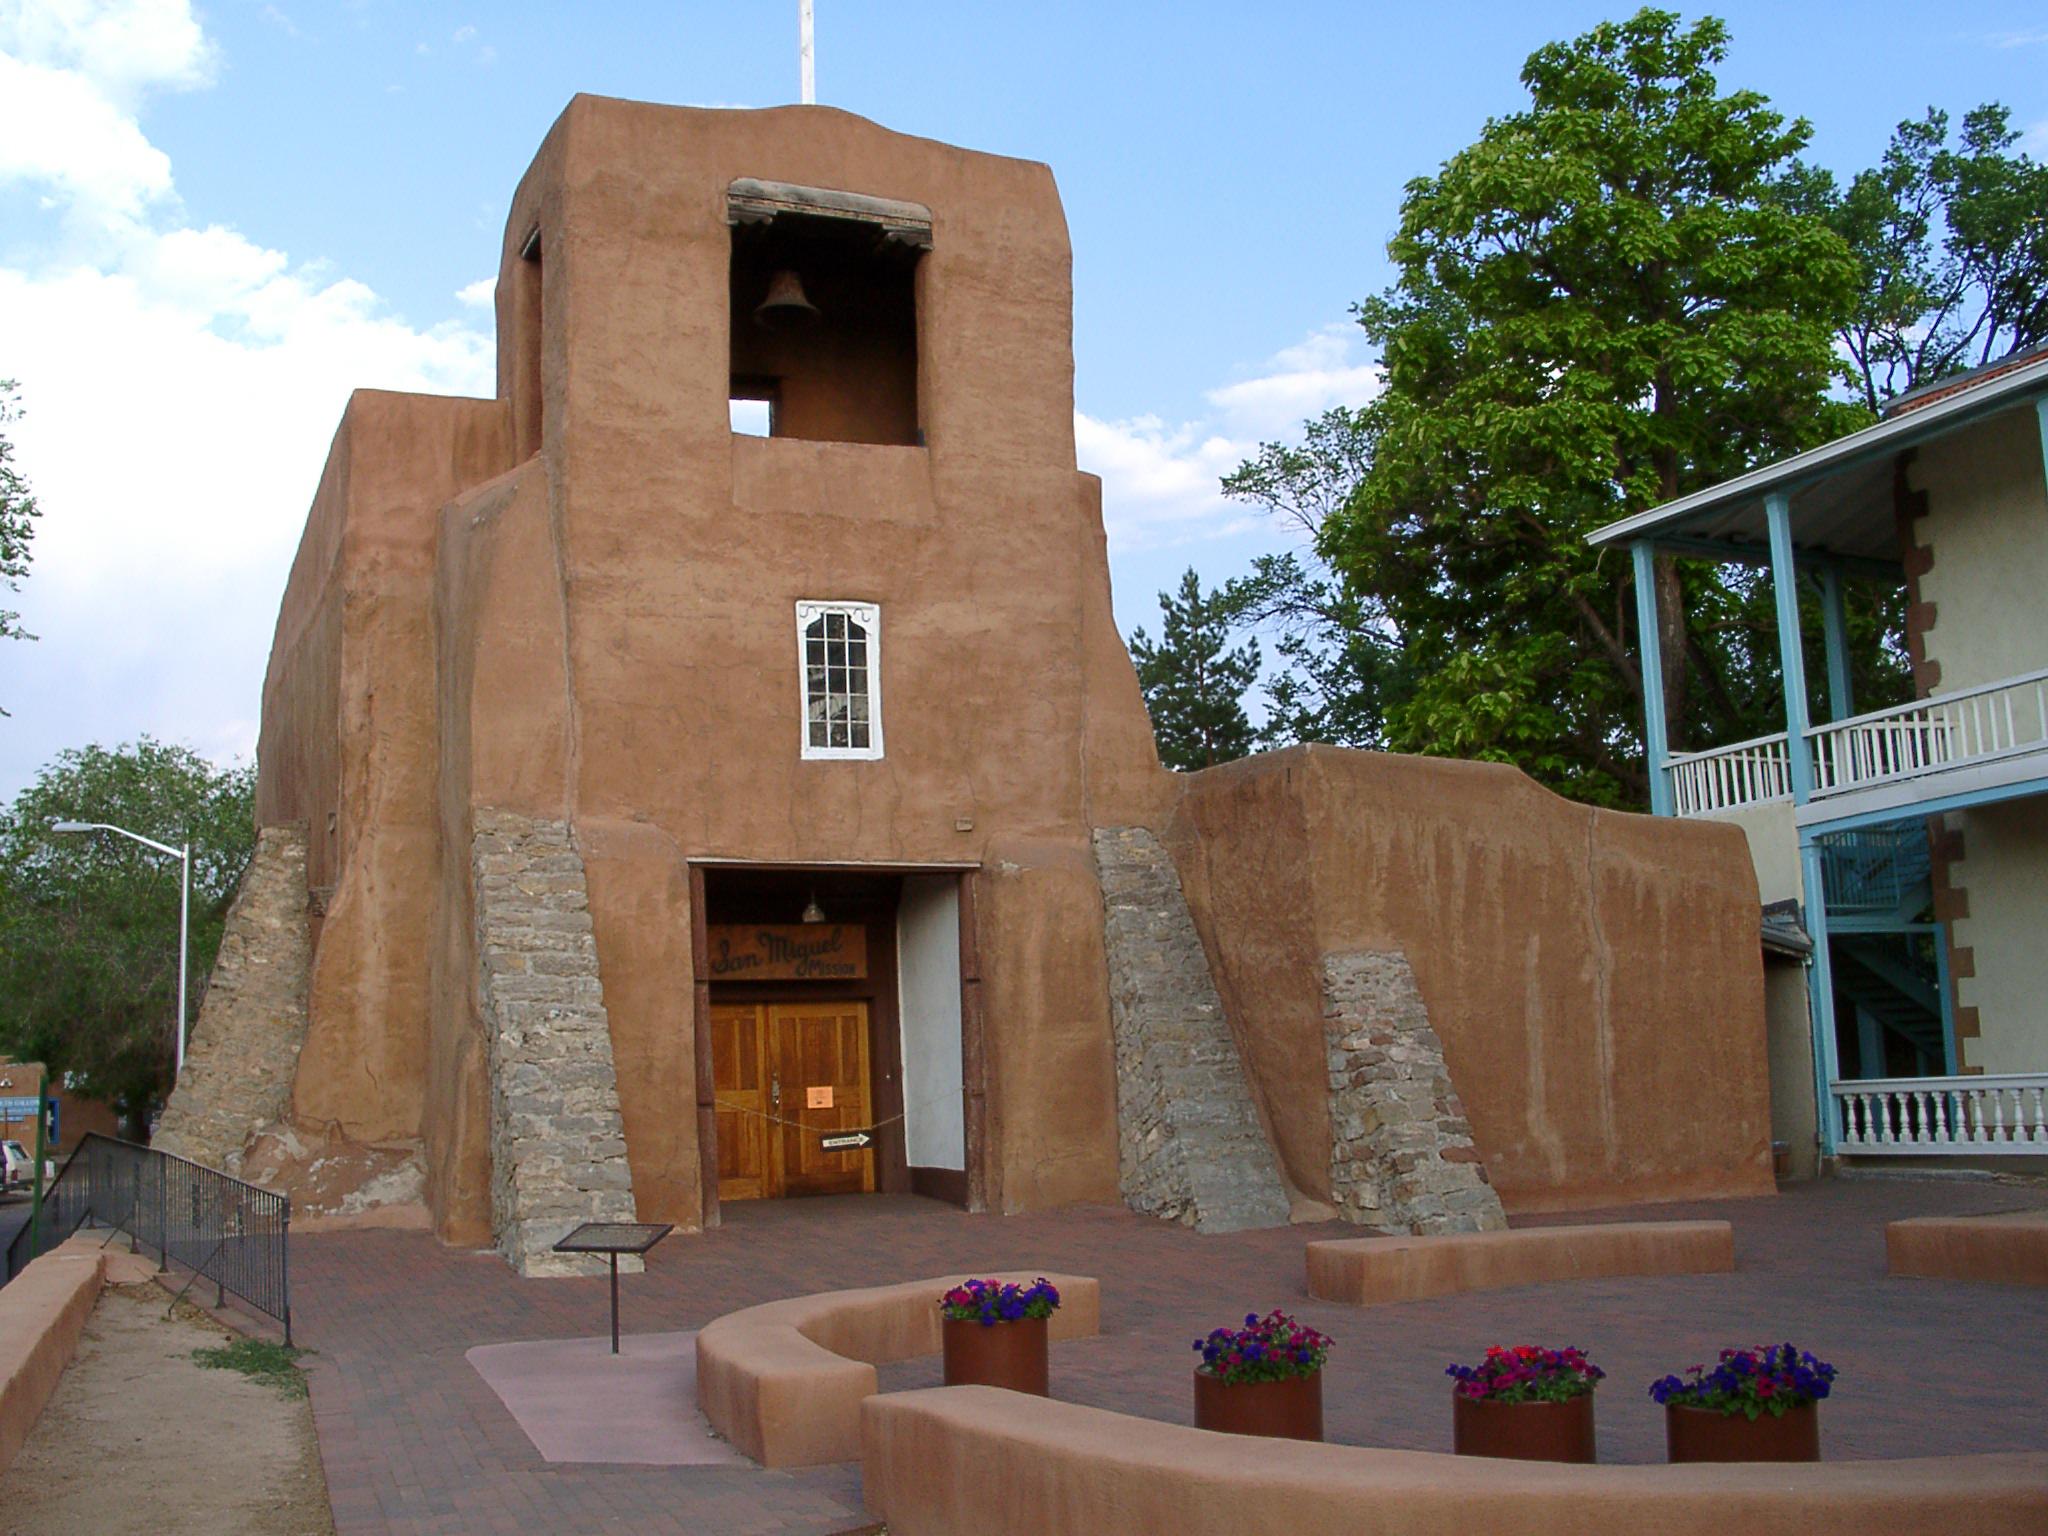 Santa_Fe_San_miguel_chapel.jpg